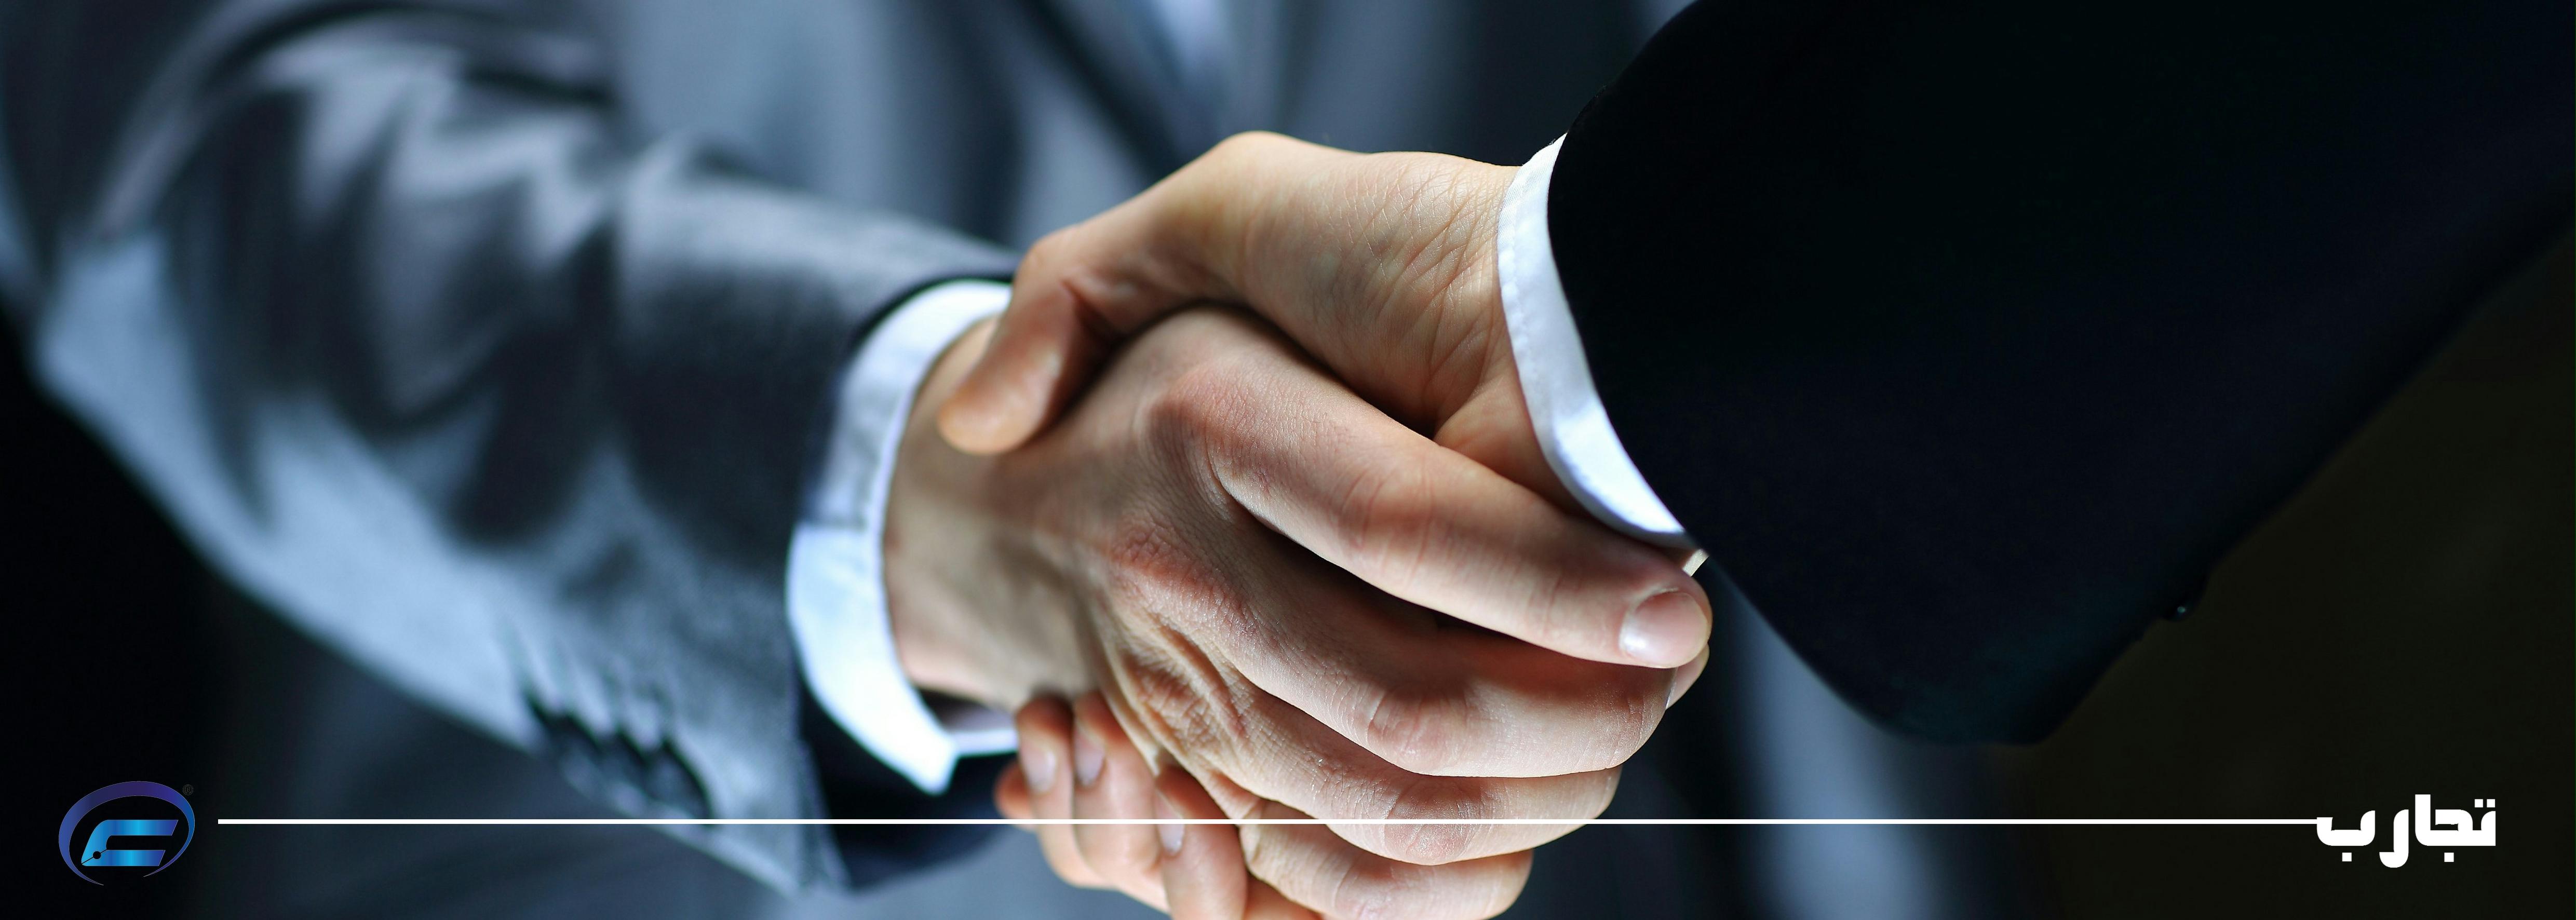 تجارب قراردادنویسی-قرارداد عمومی-کانون قراردادنویسان ایران